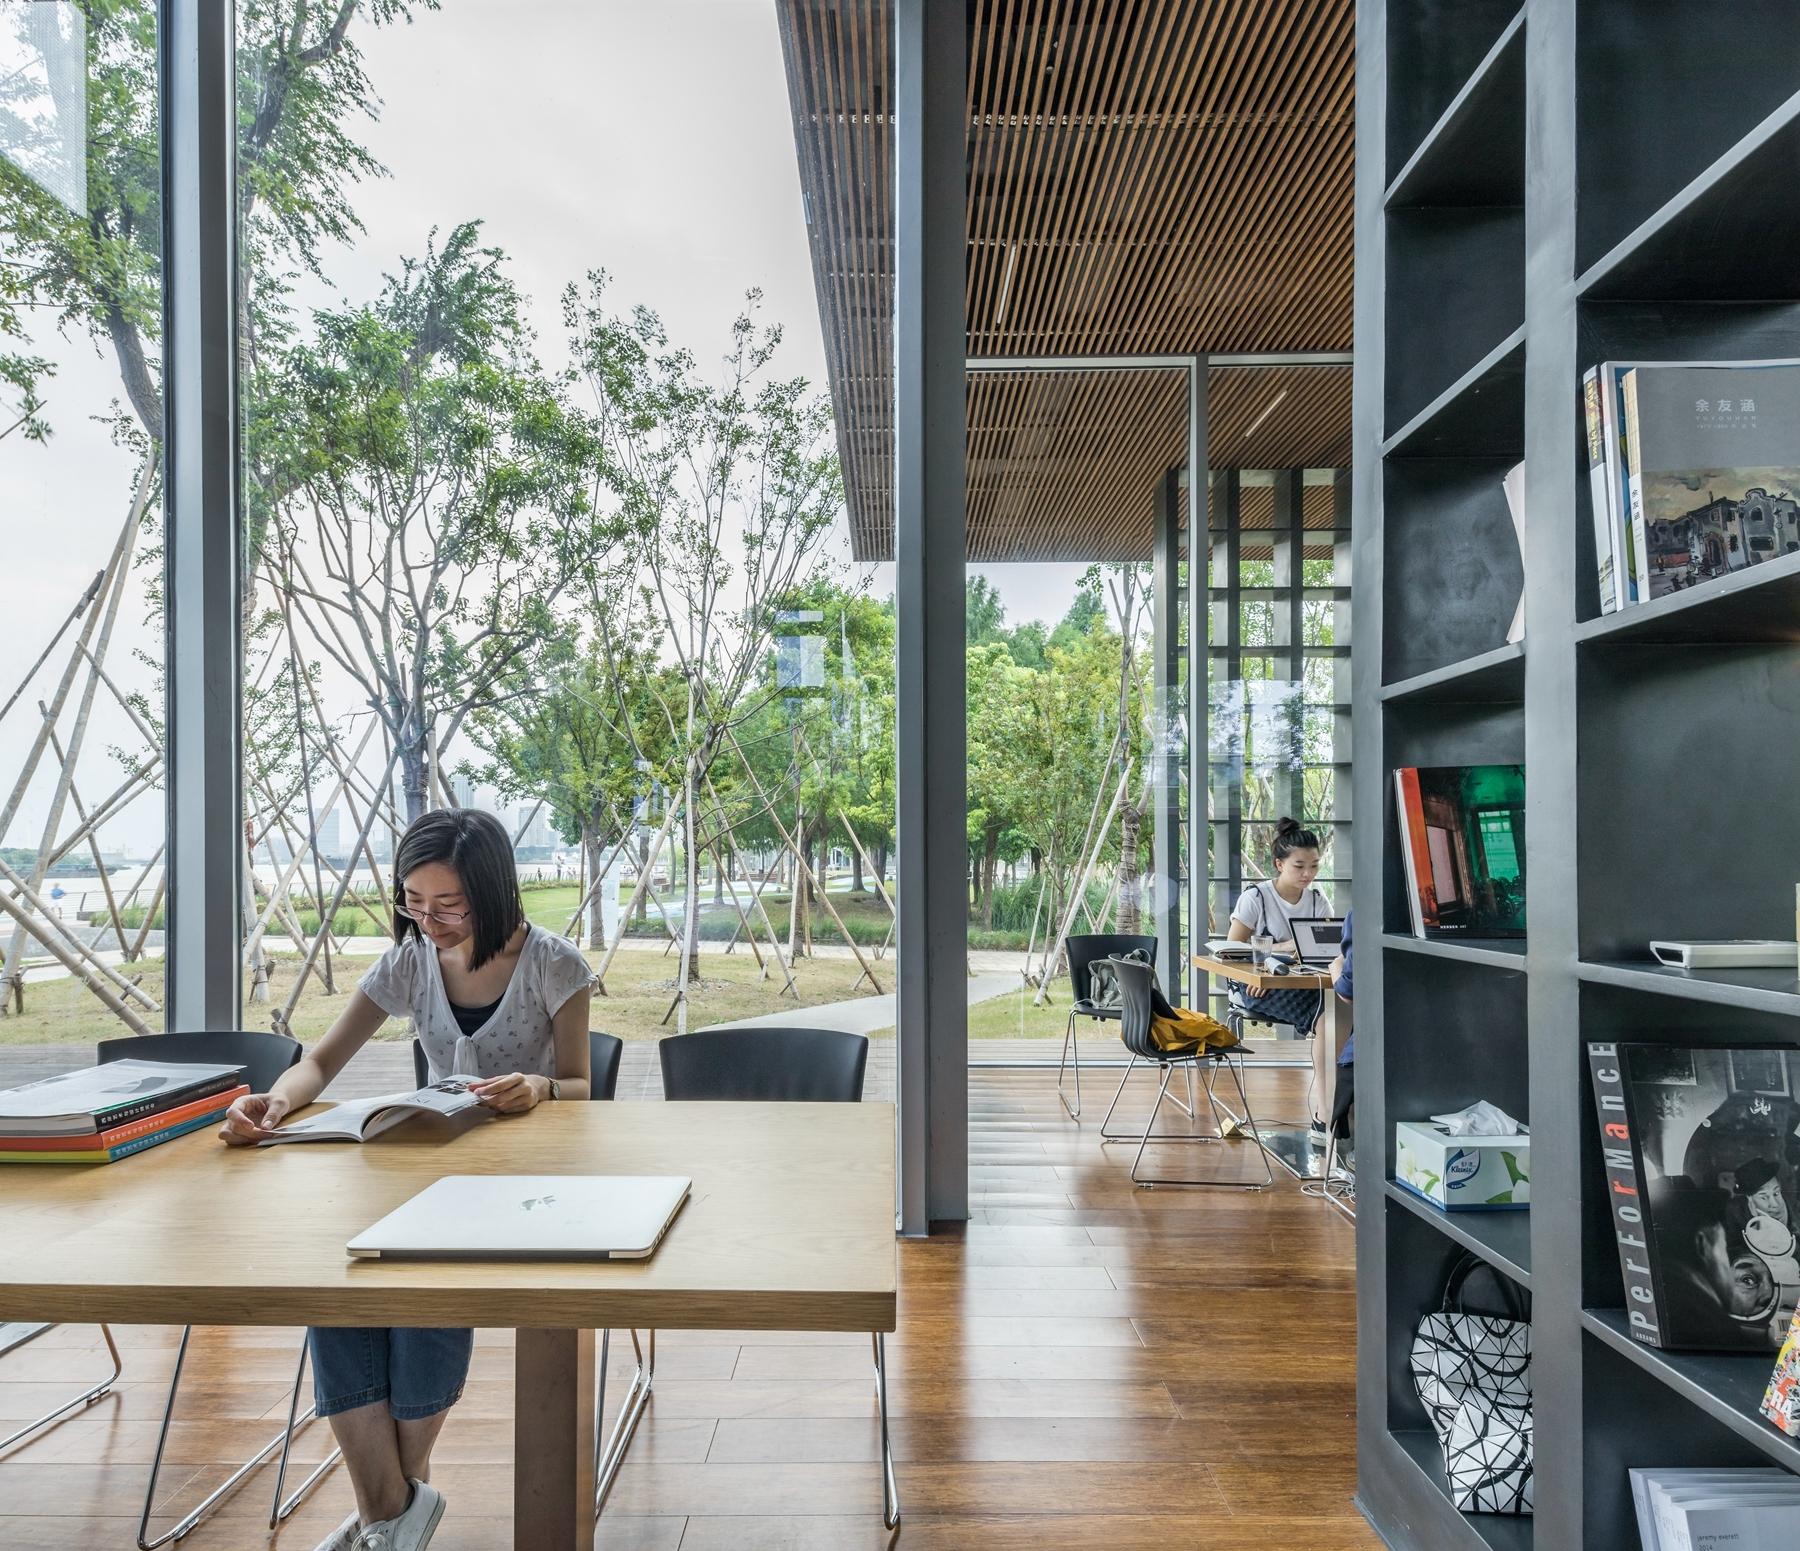 Galer a de casa del libro lattice scenic architecture - Casa del libro rivas ...